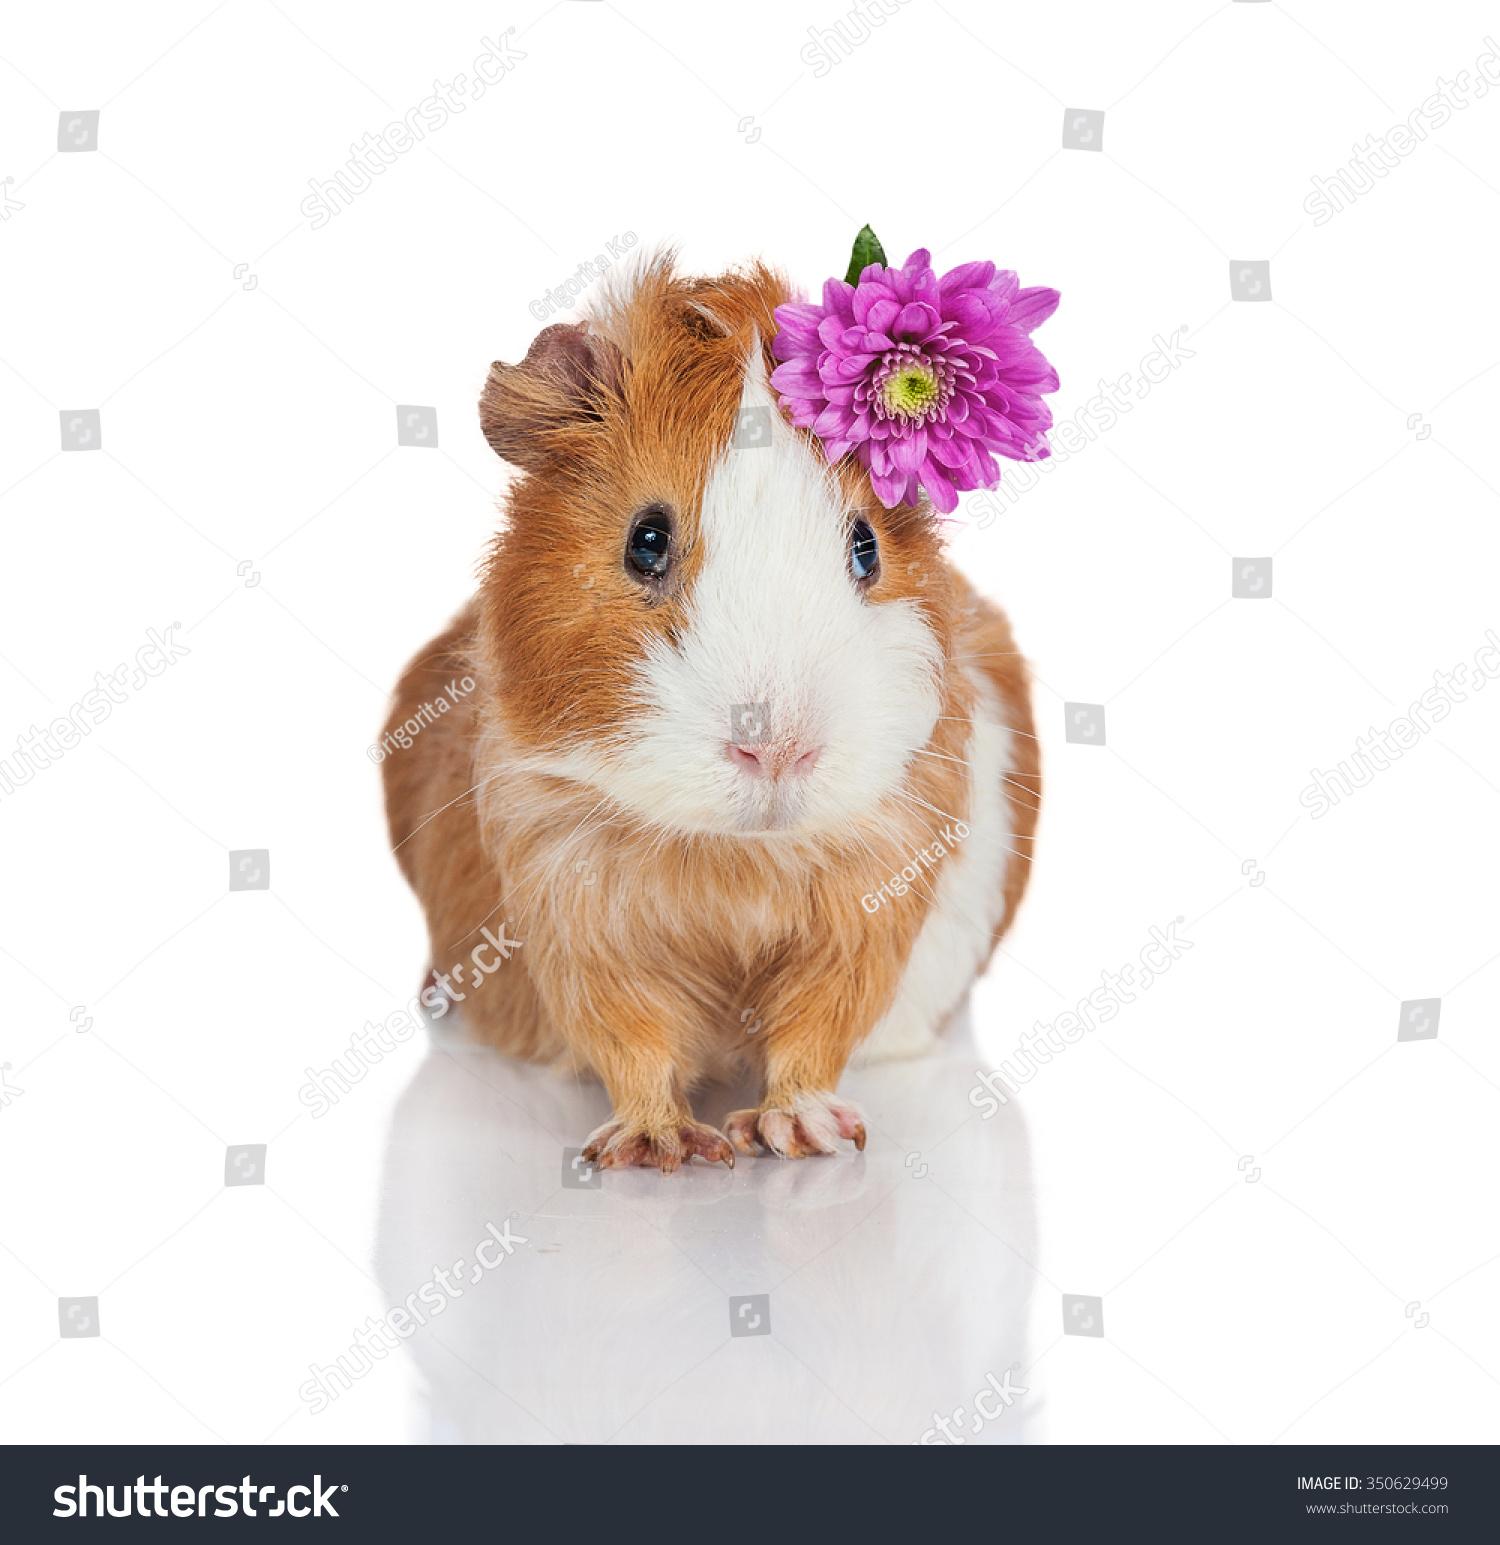 可爱的豚鼠和一朵花-动物/野生生物